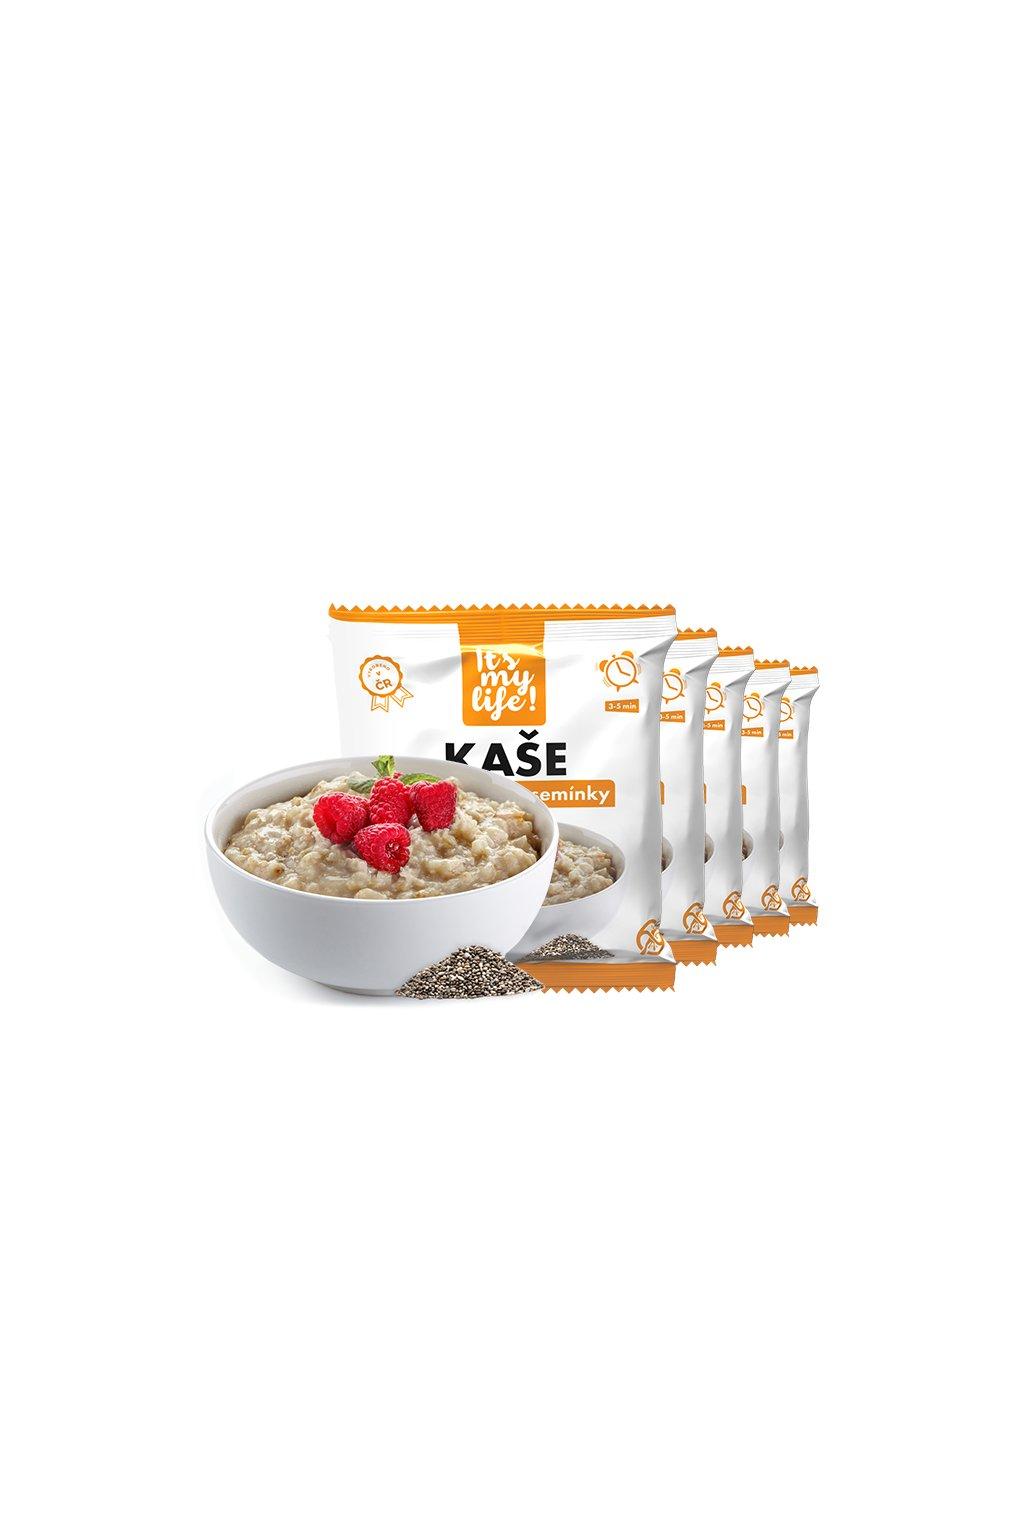 Malinové proteinové kaše s chia semienkami, 200g (5porcií)